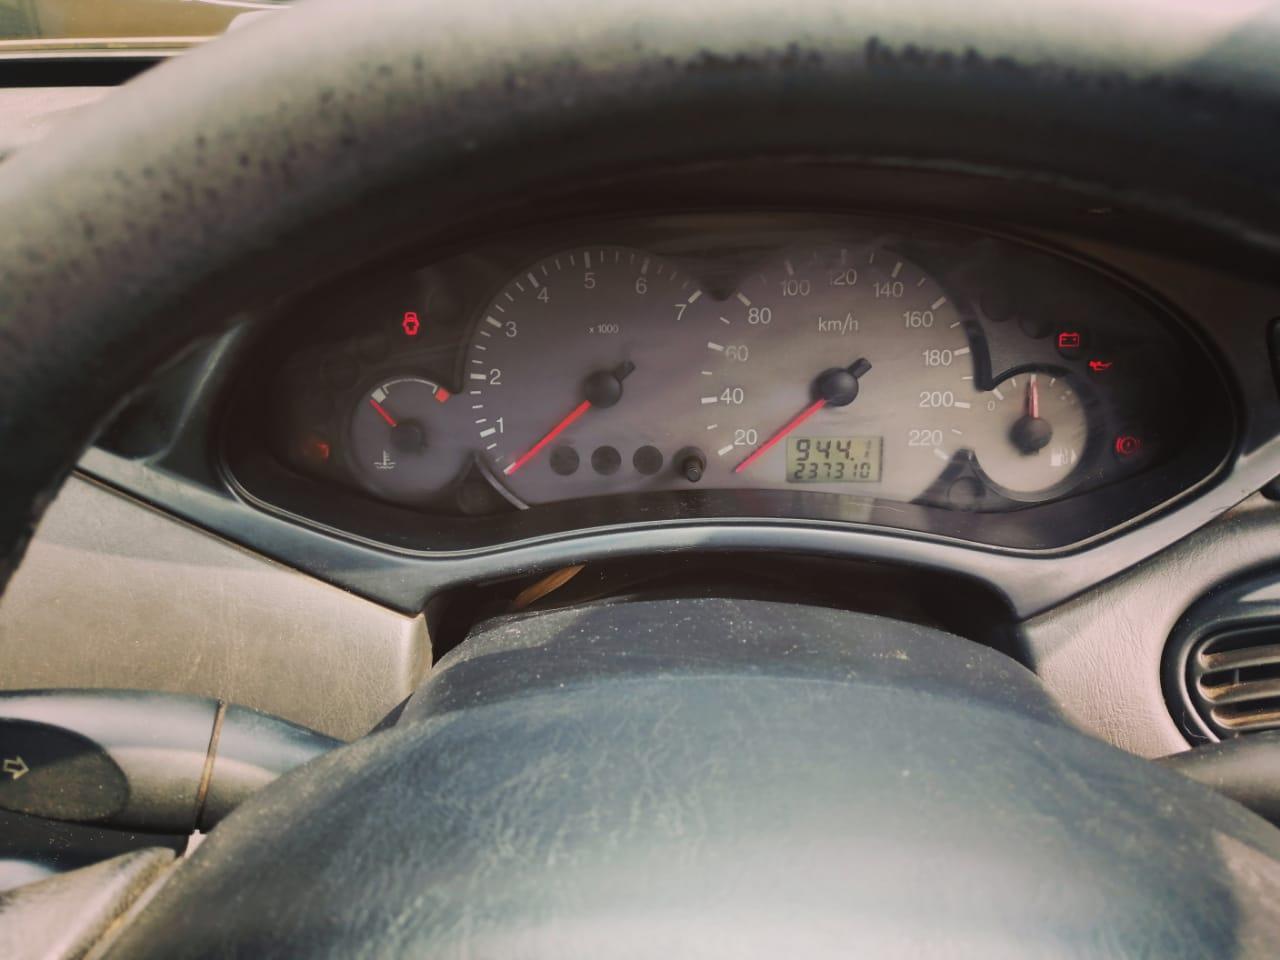 2003 Ford Focus 2.0 5 door Si